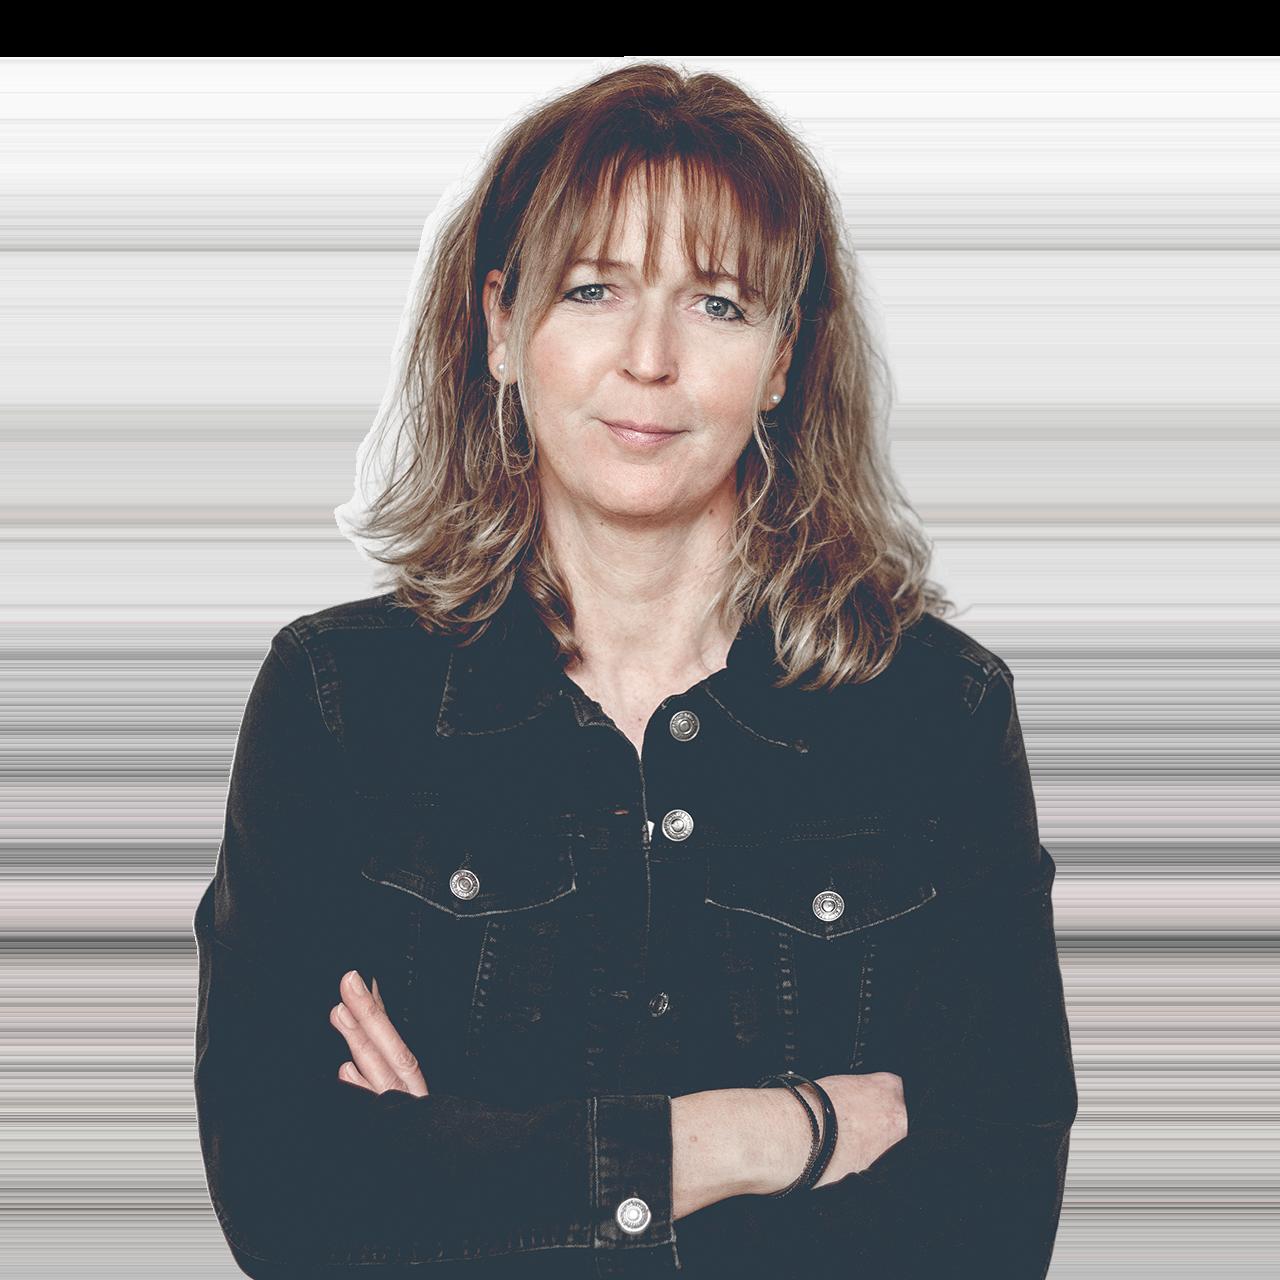 Kerstin Langenscheid